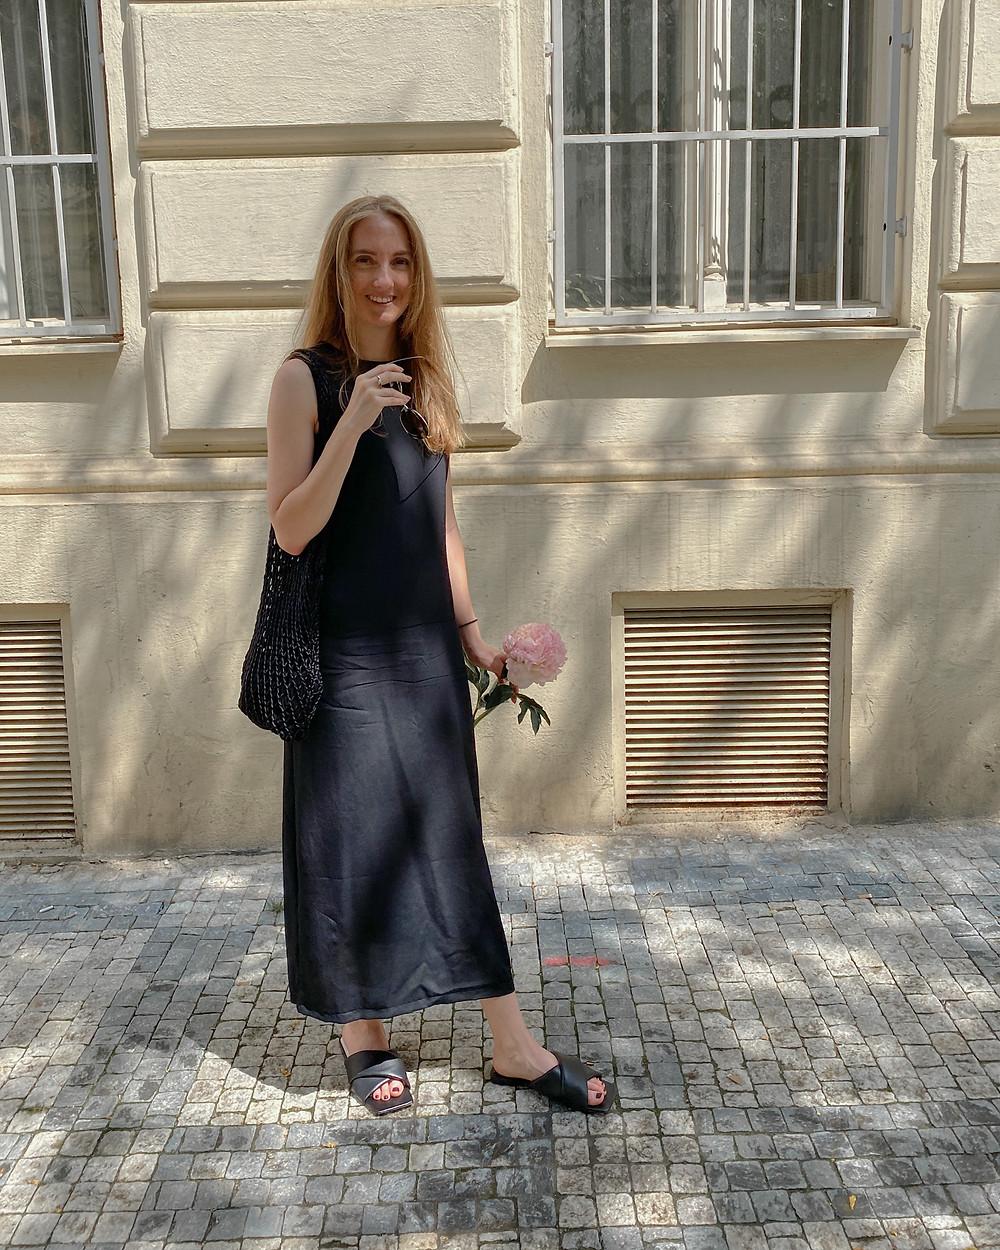 Šaty jsou od české designérky Majoránka